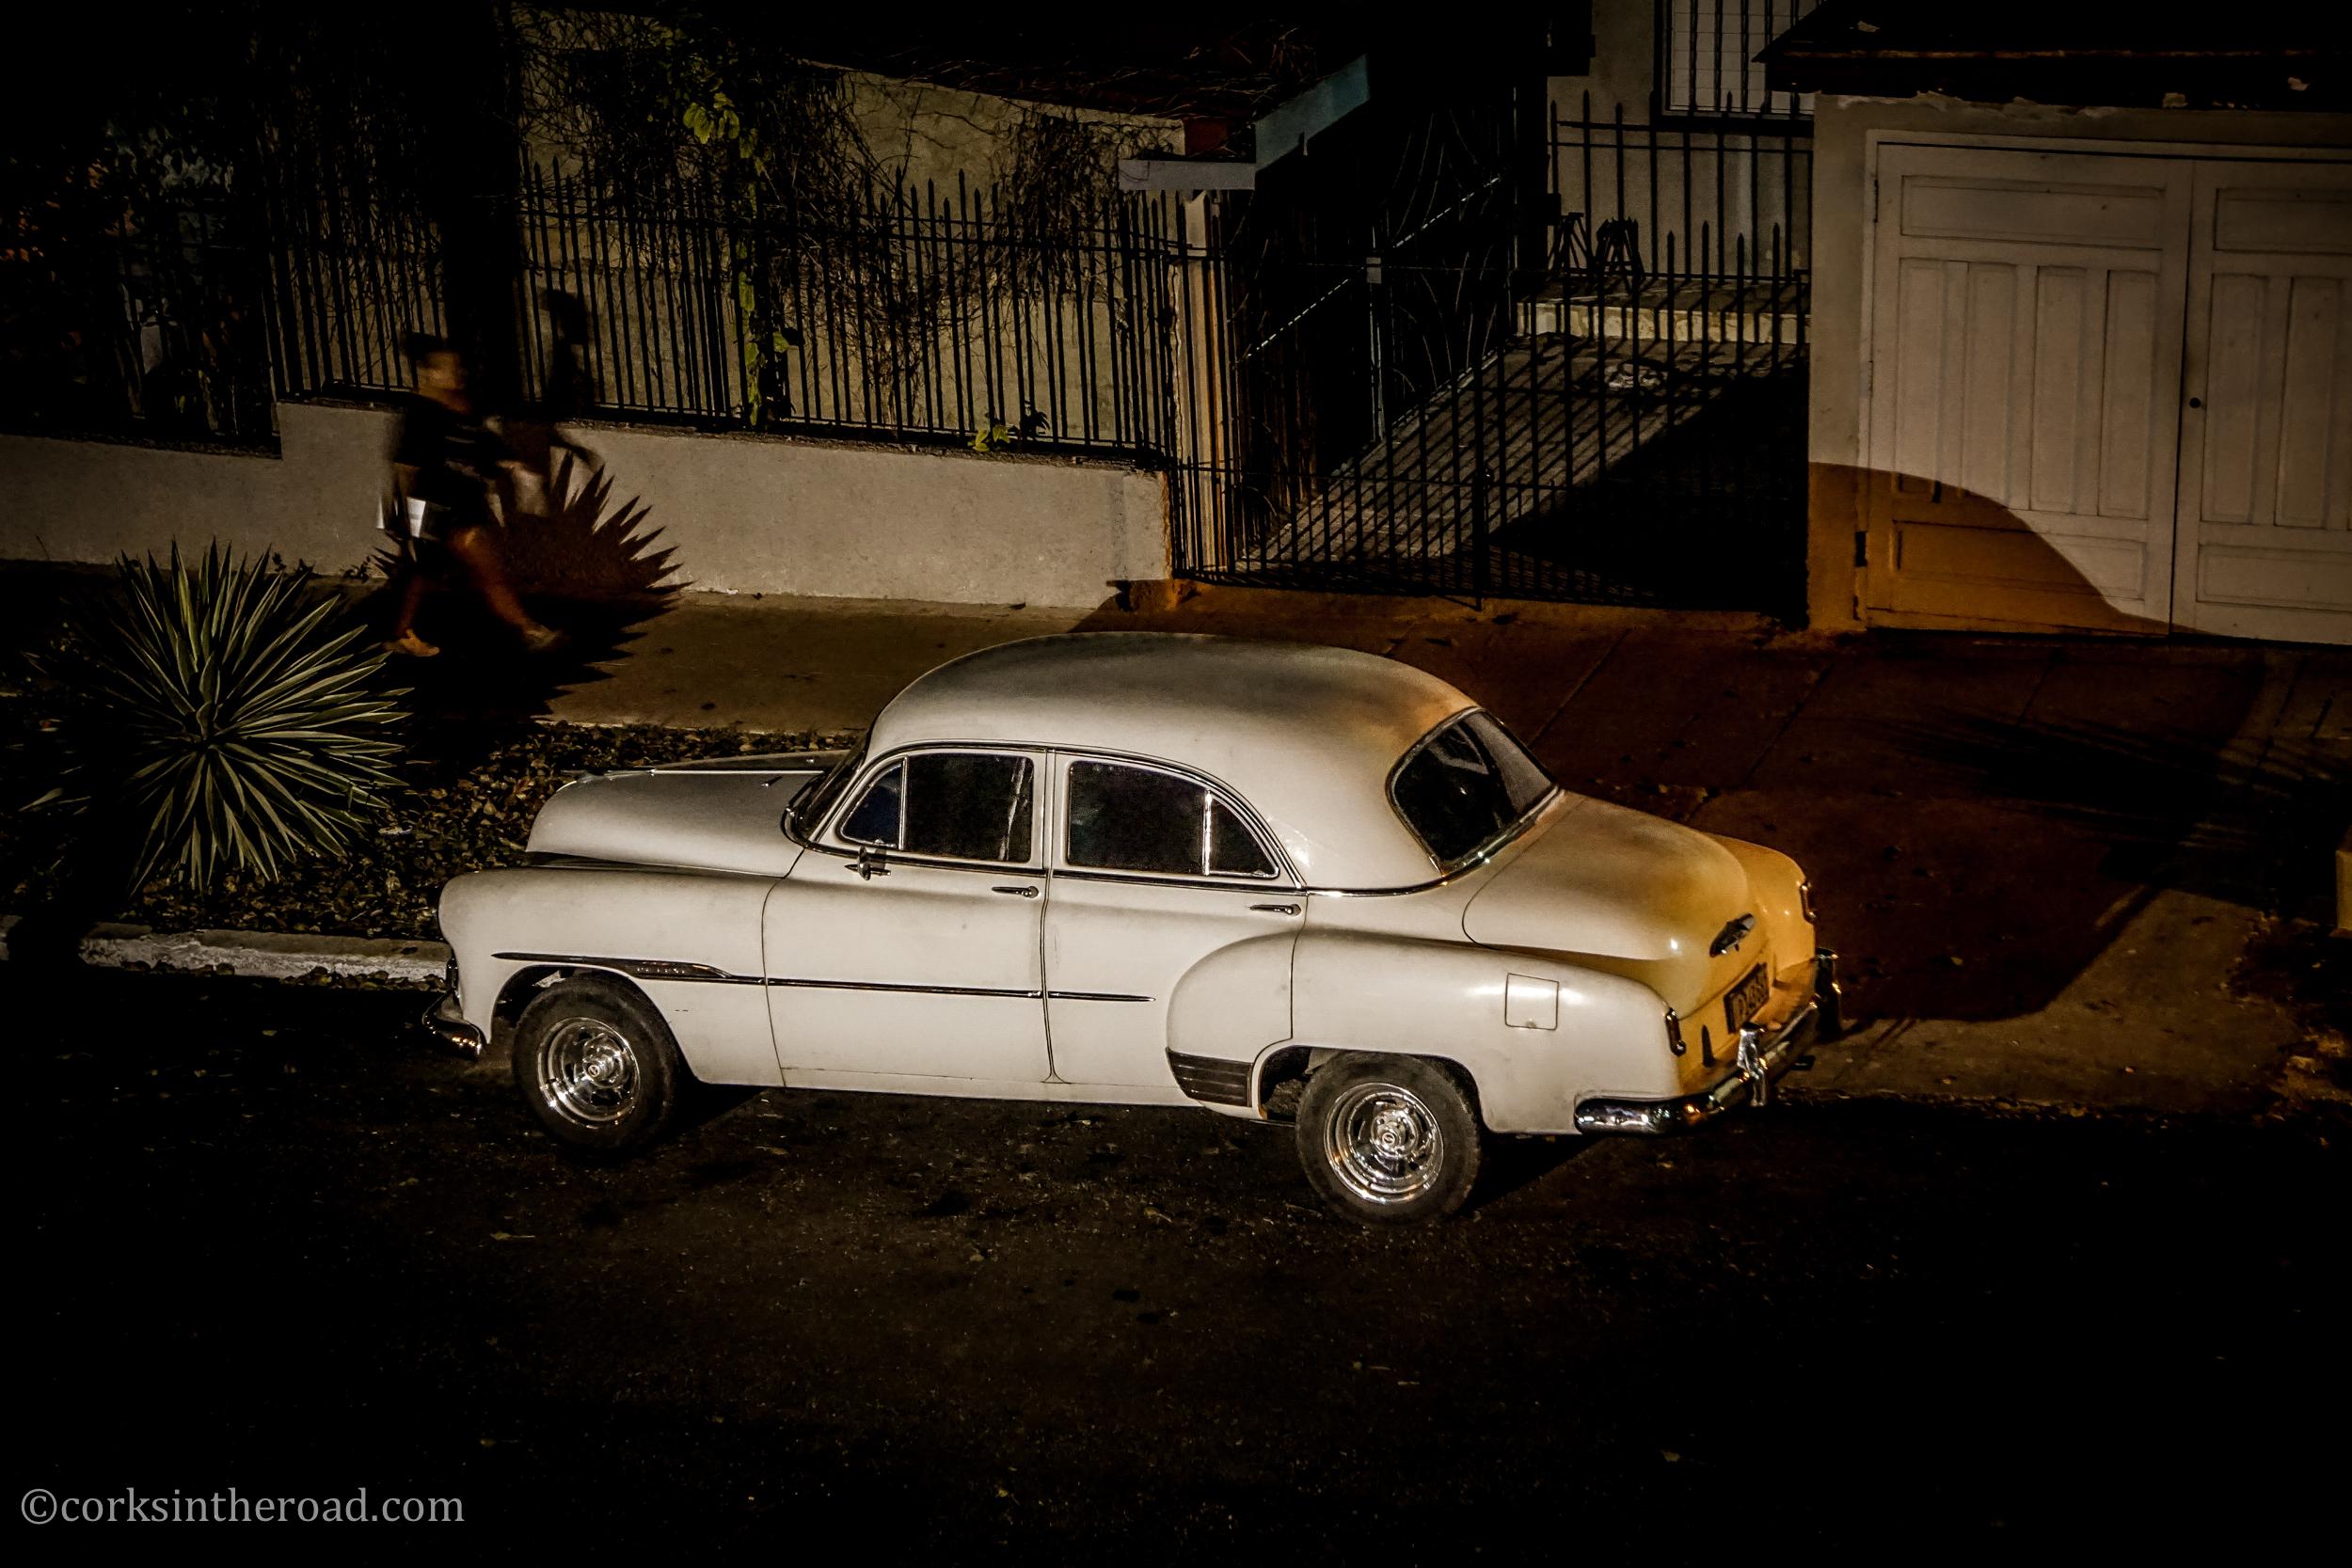 Cars, Corksintheroad, Cuba, Havana-13.jpg